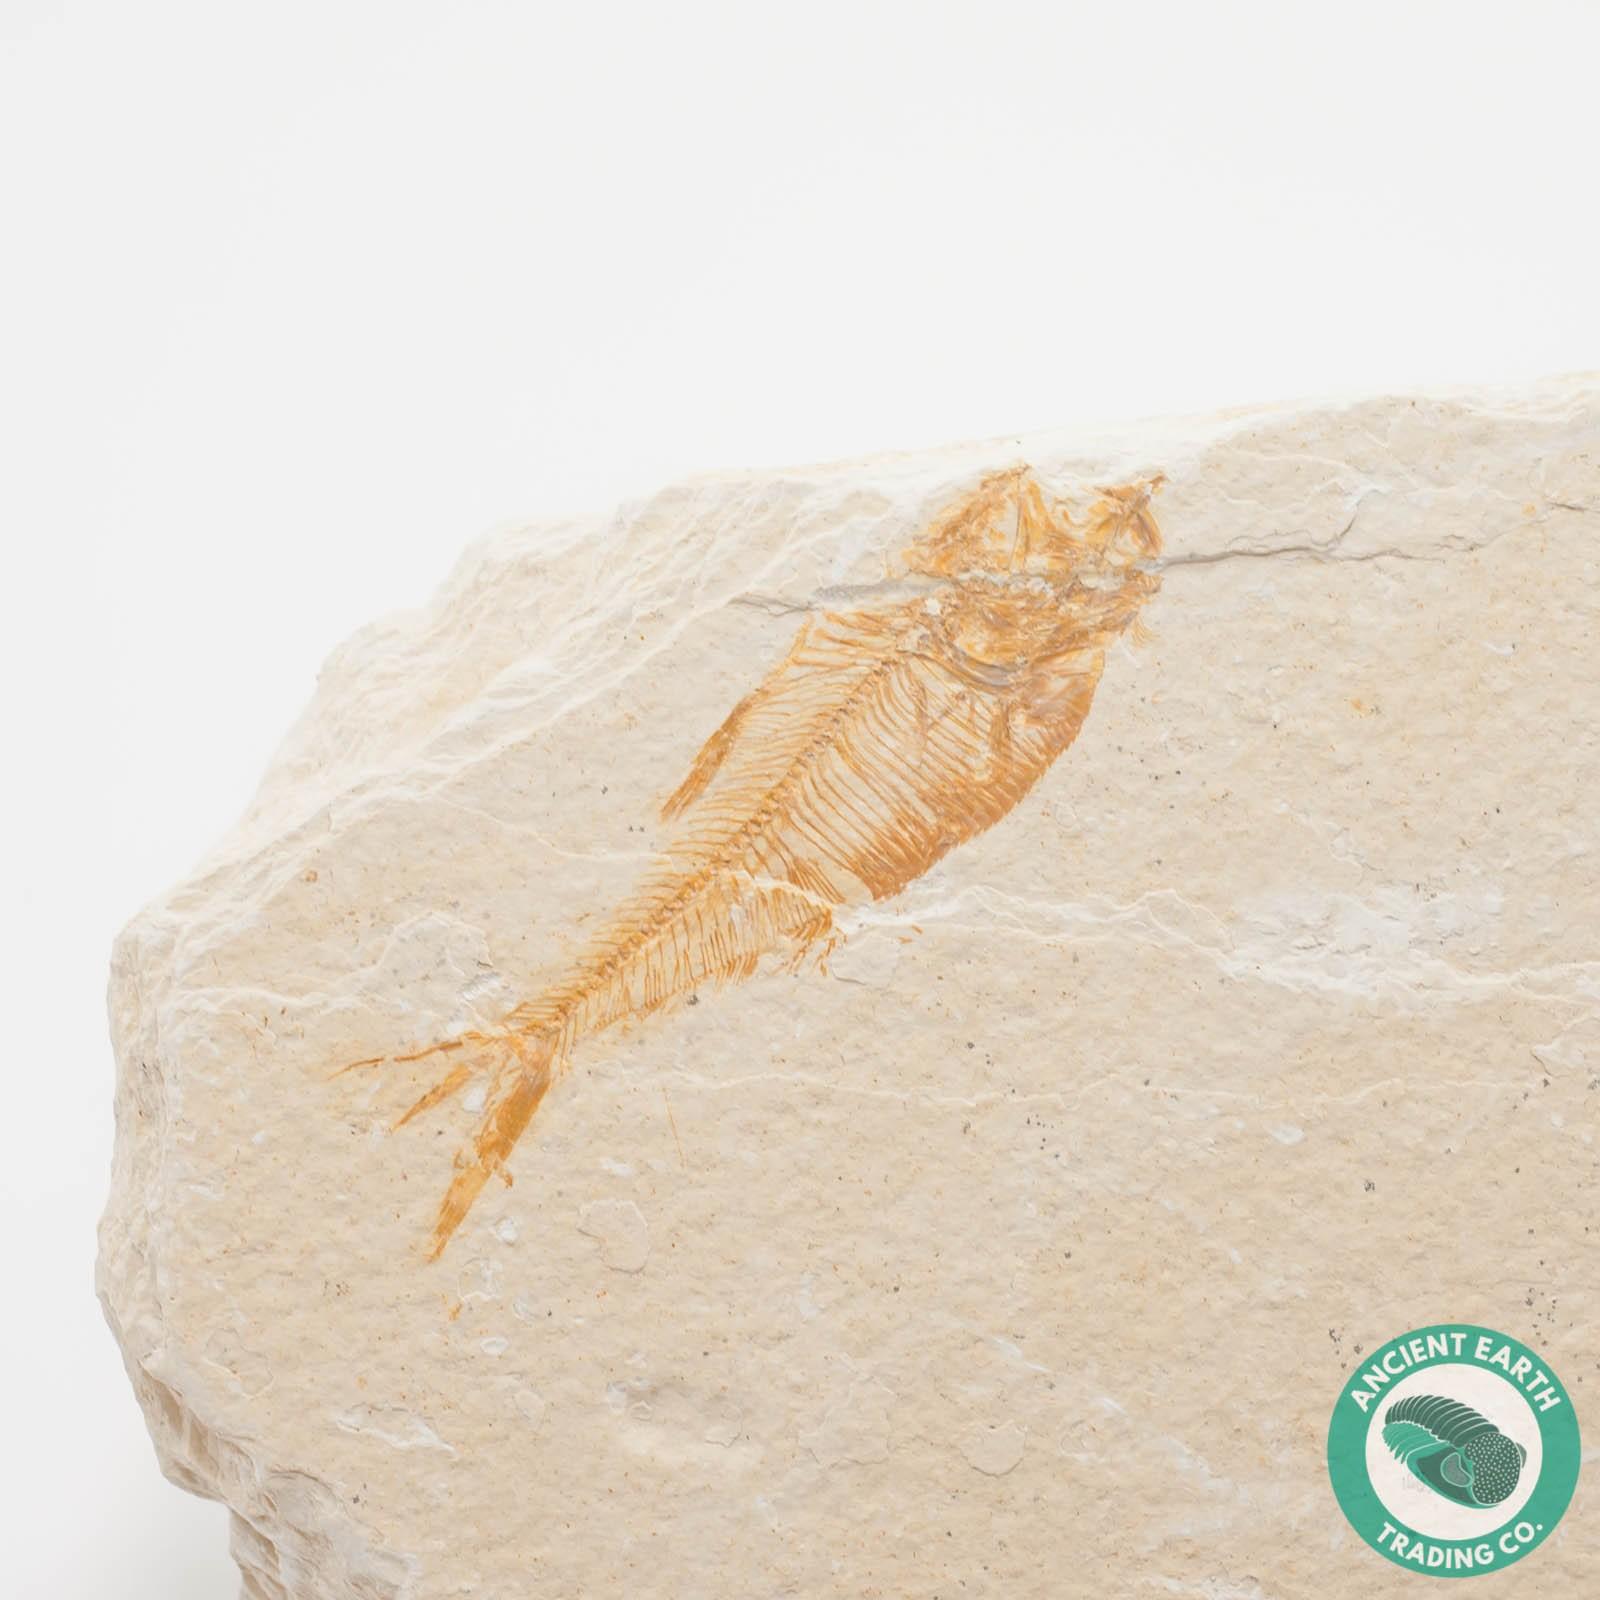 COOL Diplomystus Green River Fossil Fish - Wyoming